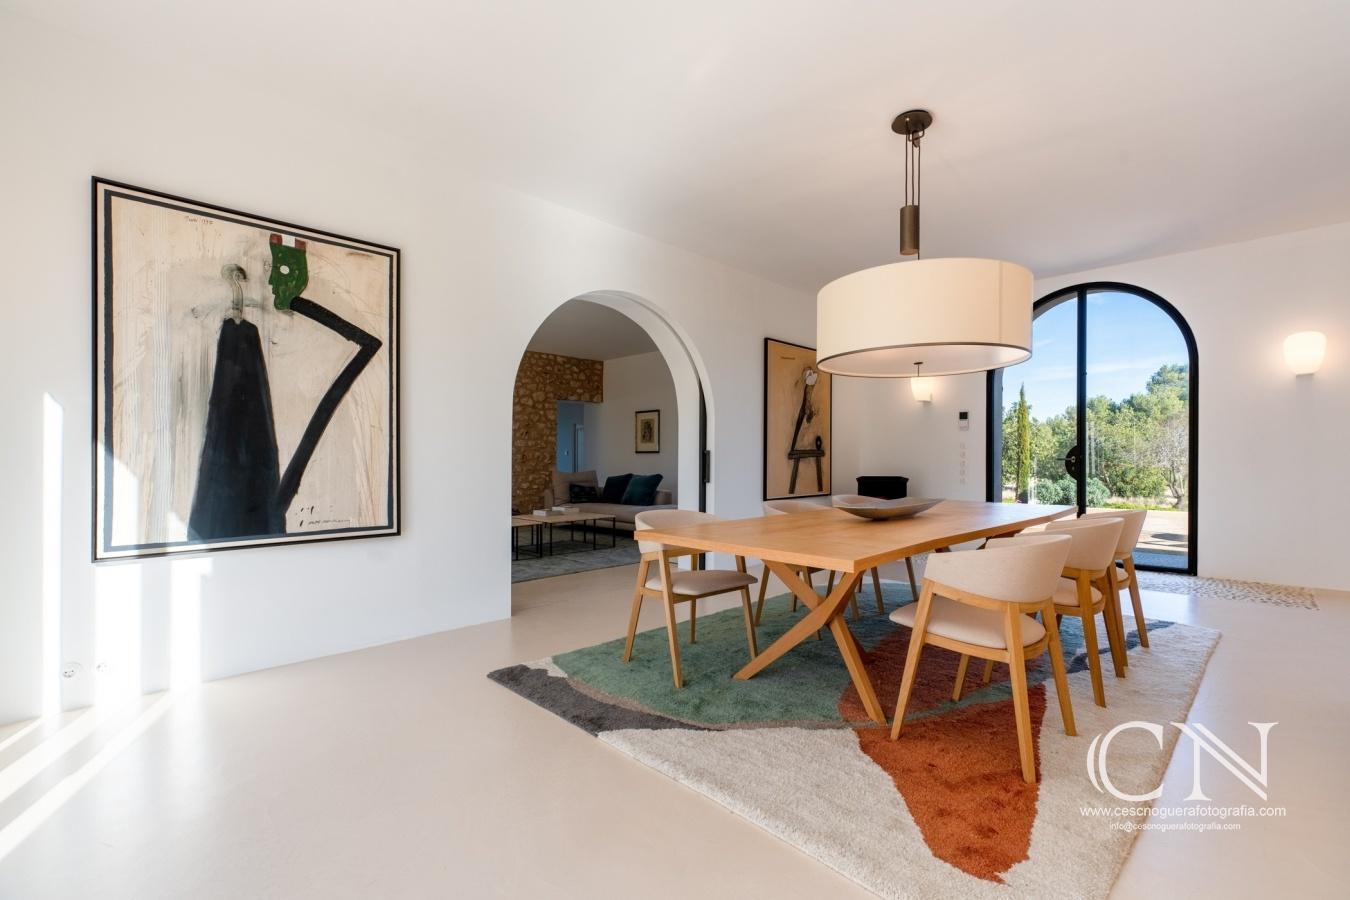 Real Estate Photography  - Cesc Noguera Fotografía, Cuando la fotografía es una pasión, Architectural & Interior design photographer / Landscape Photography